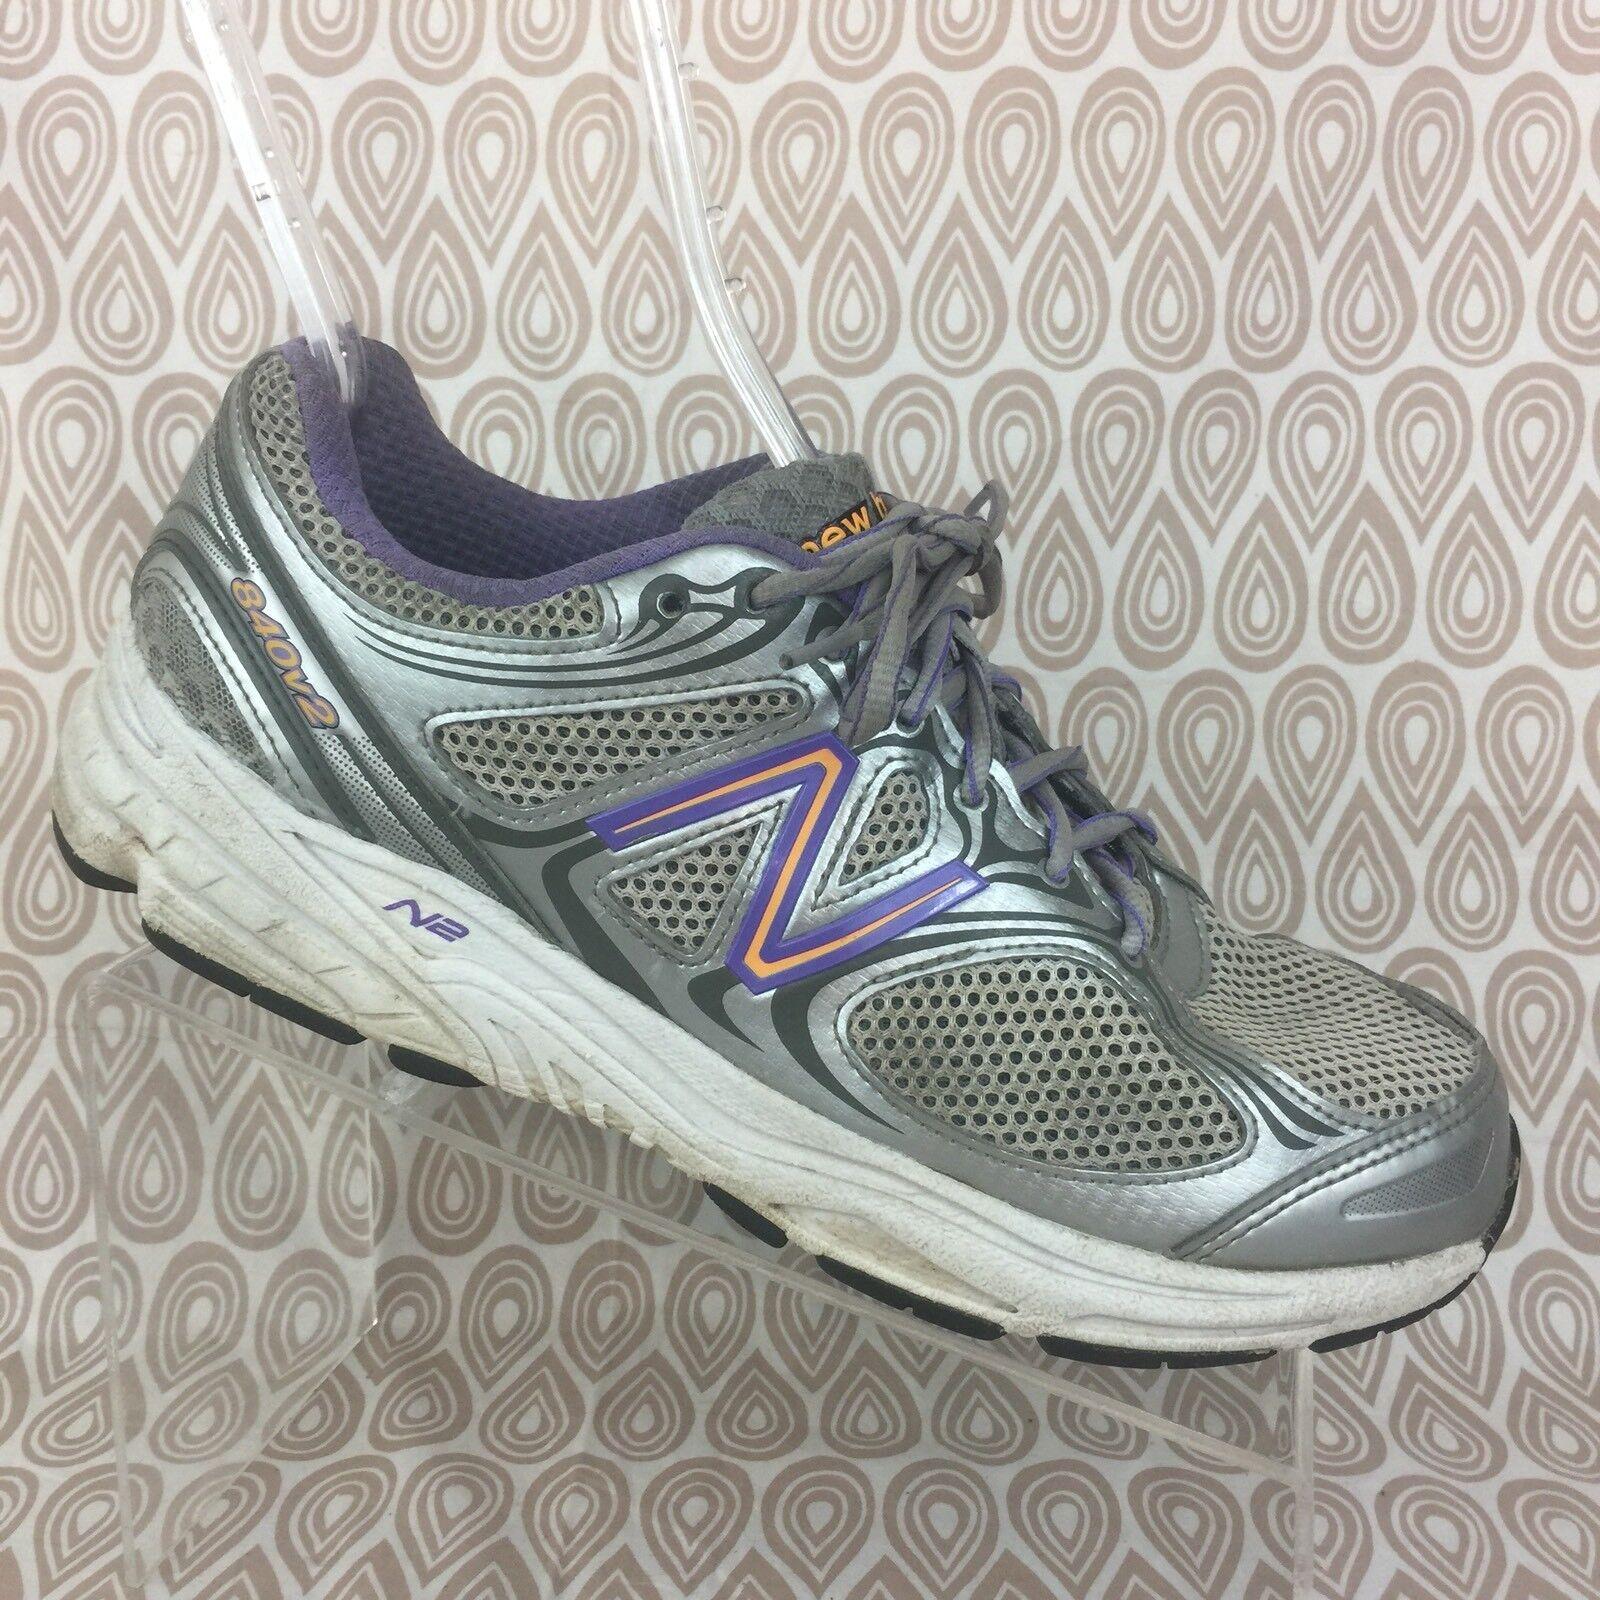 New balance balance balance 840v2 Running Zapatos Talla 9 Mujer Plata Púrpura entrenamiento cruzado S518  mejor servicio